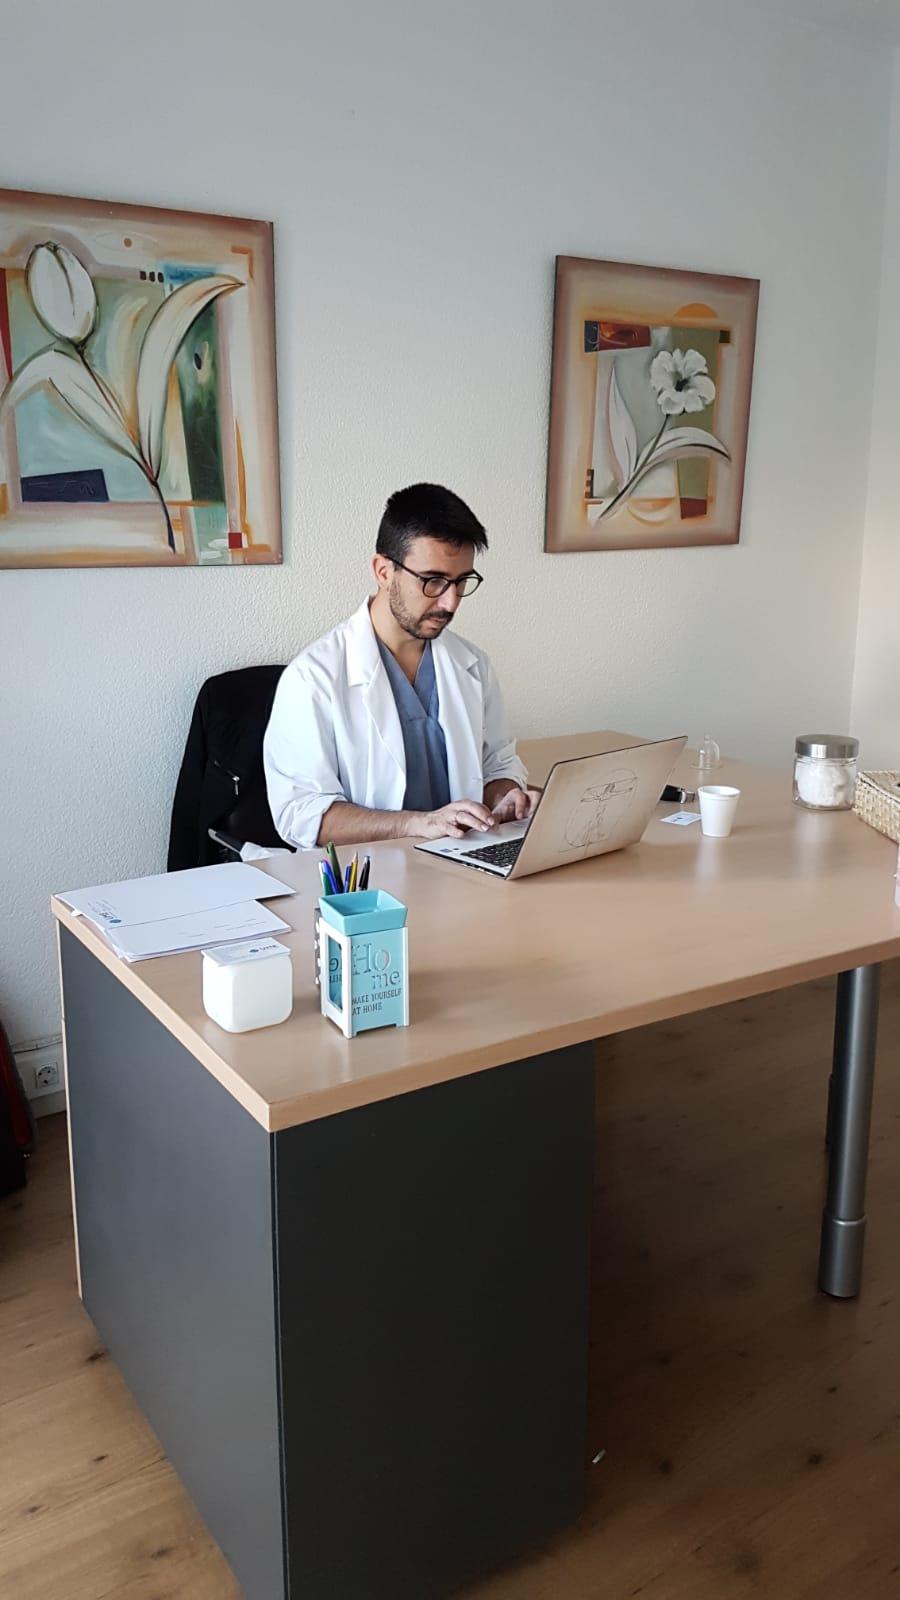 Nuestro servicio de salud integral aúna uno de los pocos servicios en  Alicante que integra en el mismo especialista diversas técnicas que  permiten una ... 0a8f350744f8